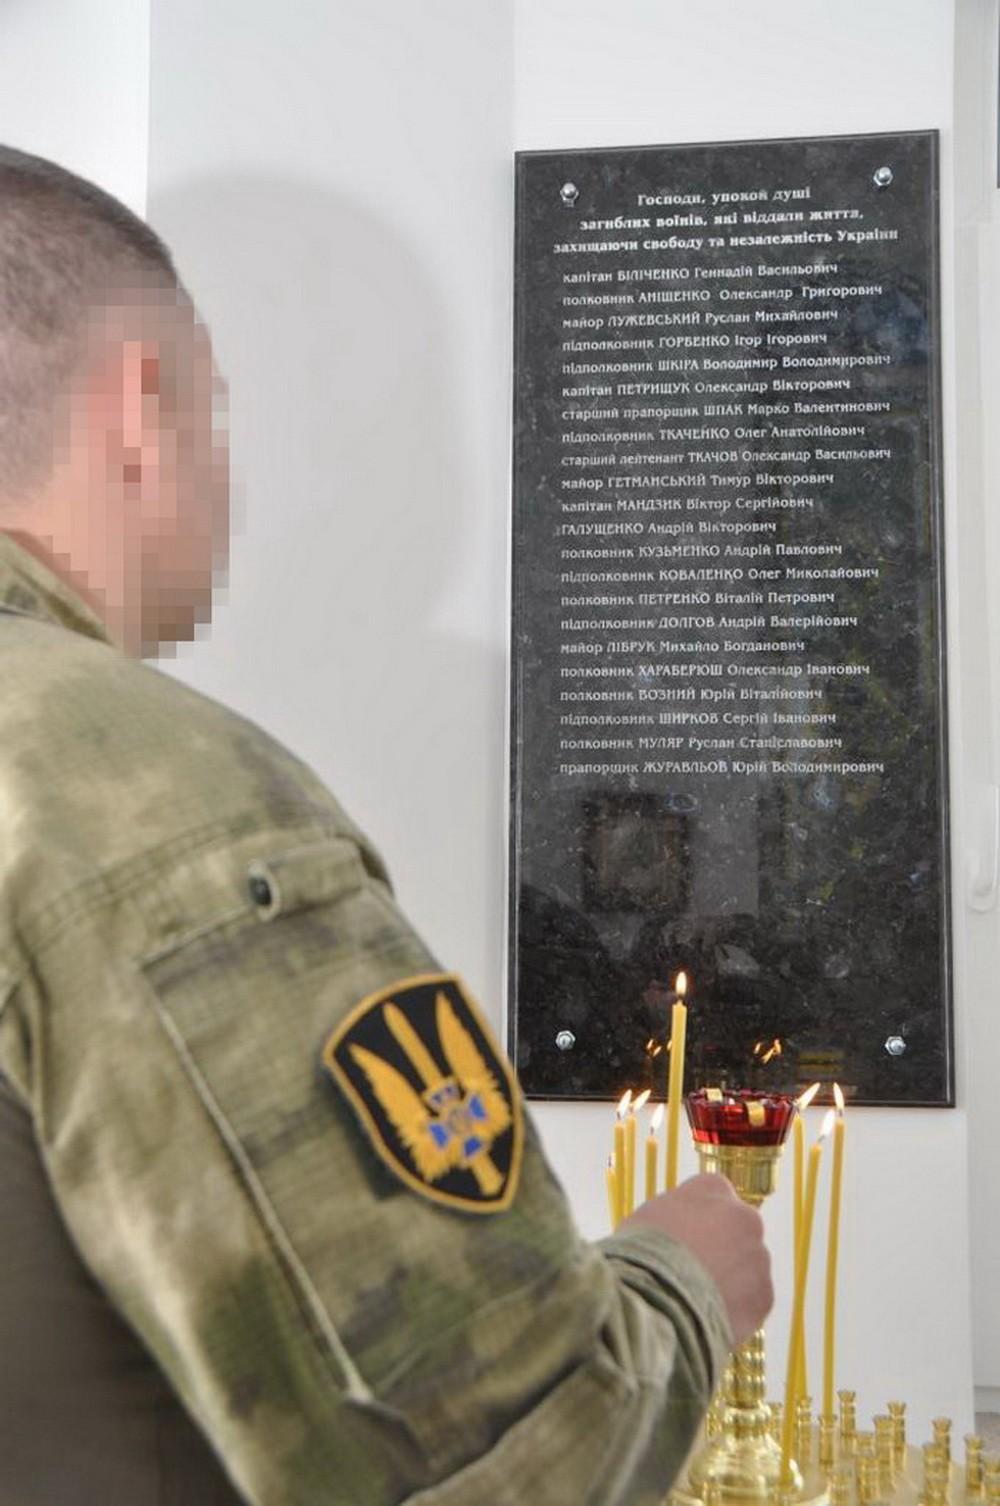 СБУ вшанувала пам'ять загиблих співробітників української спецслужби – Олександра Аніщенка та Руслана Лужевського